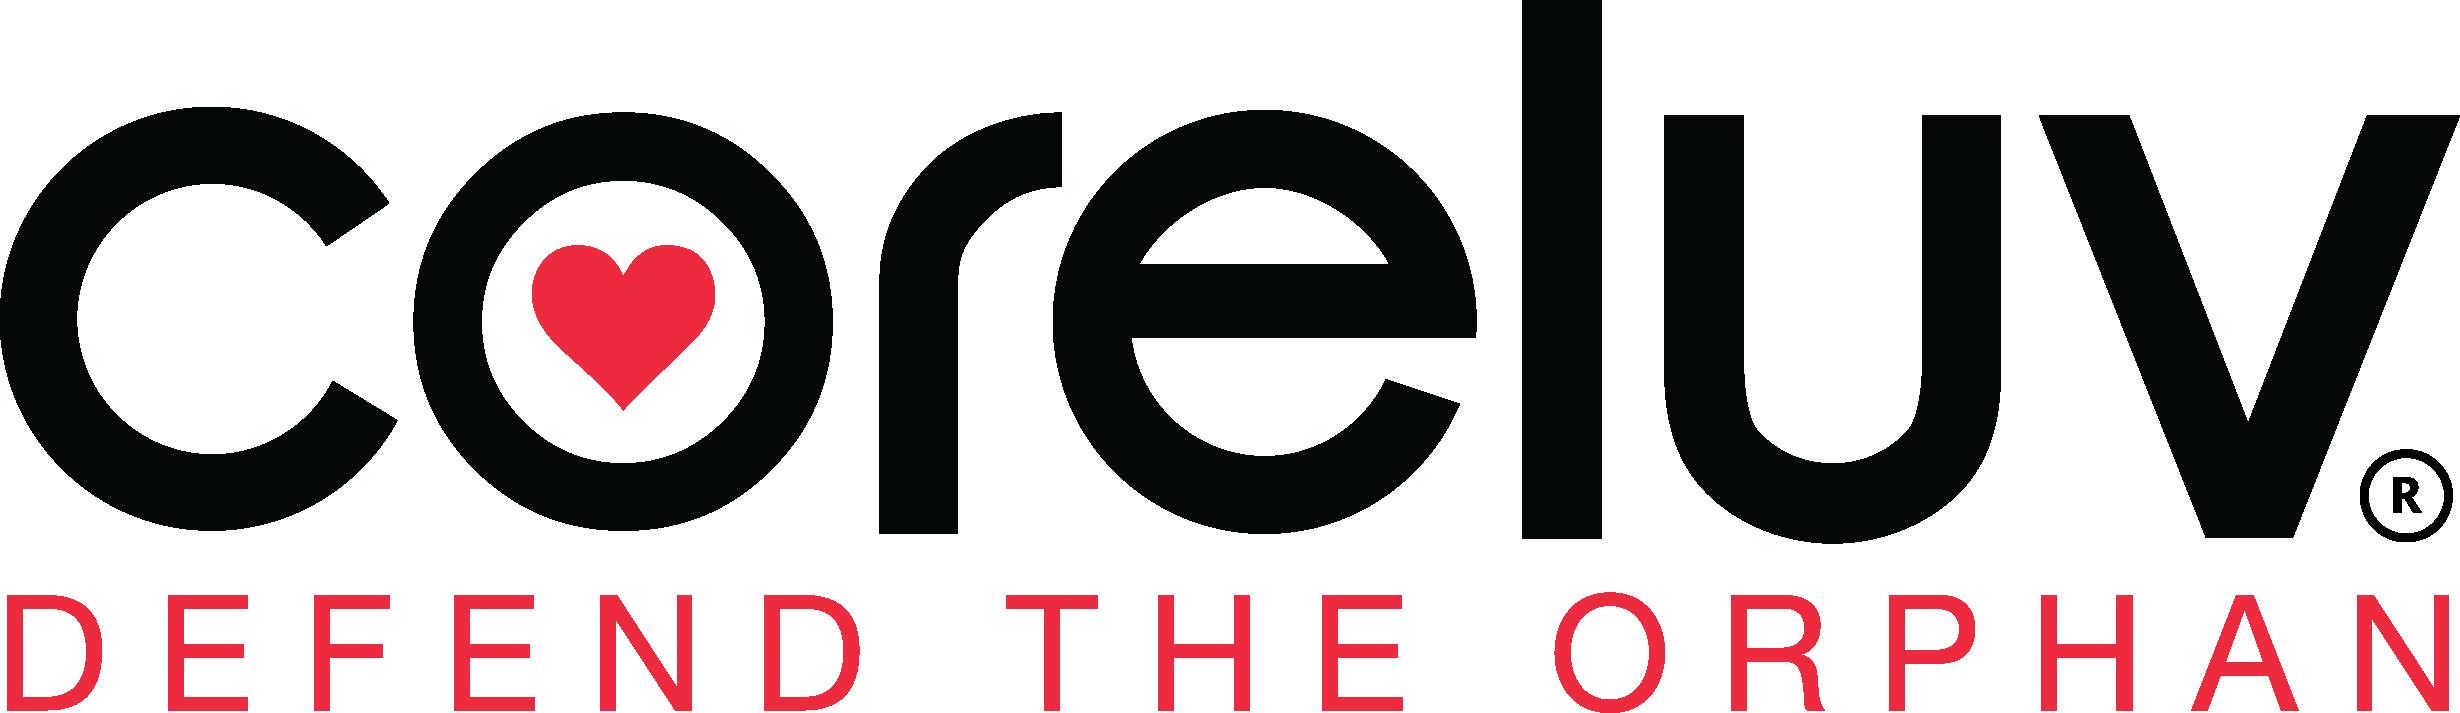 Coreluv - Fundraise